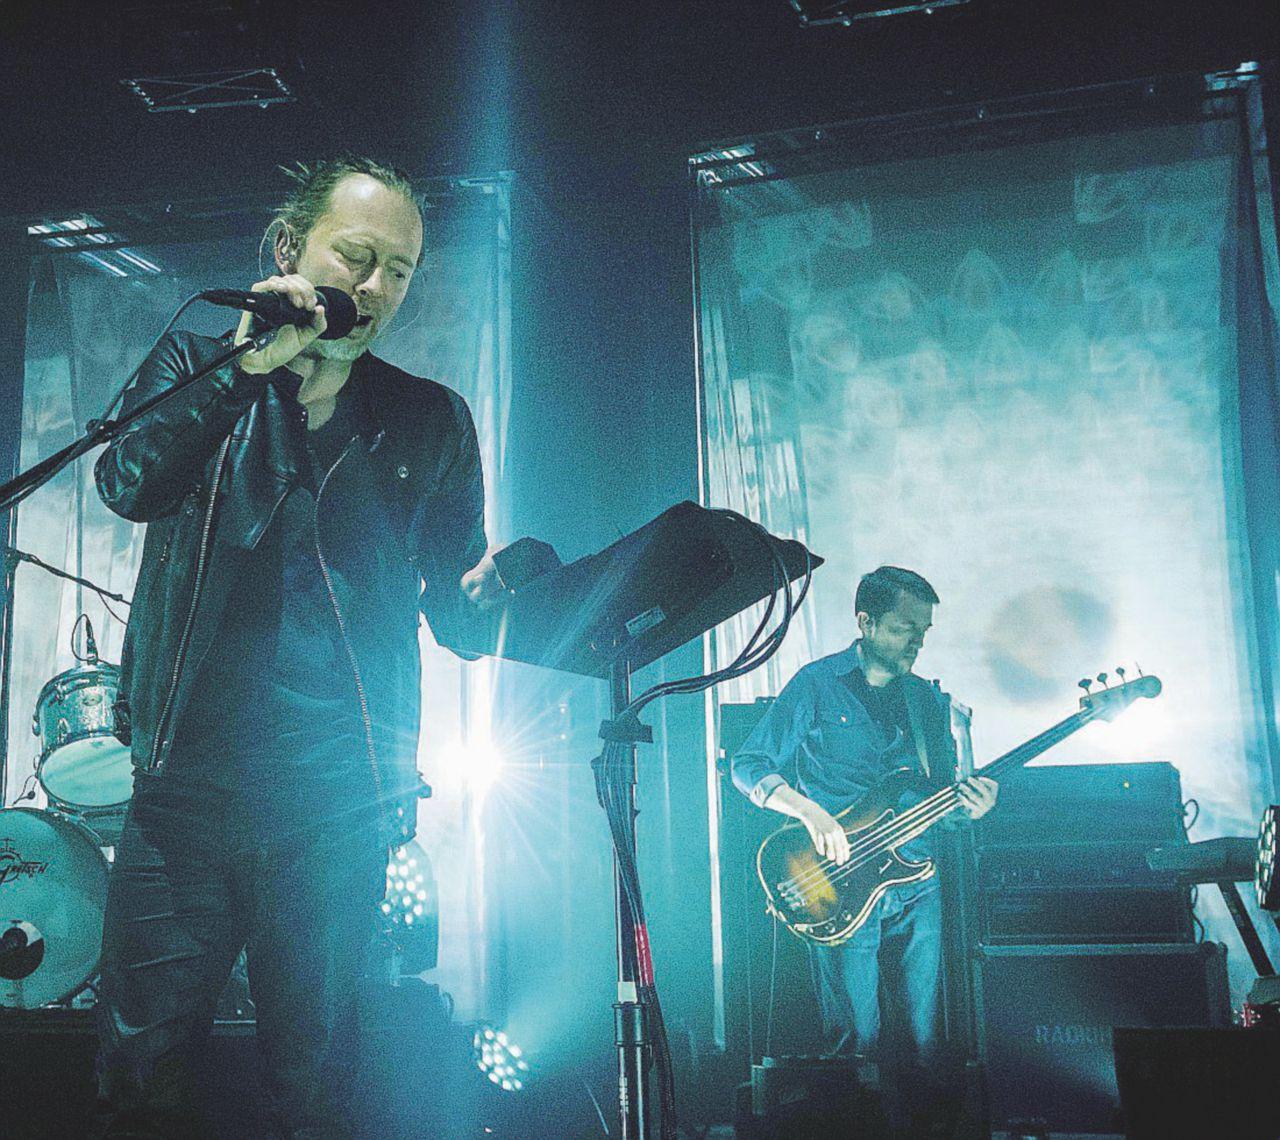 La musica abbatte i muri, oppure li tira su: Radiohead per le Marche